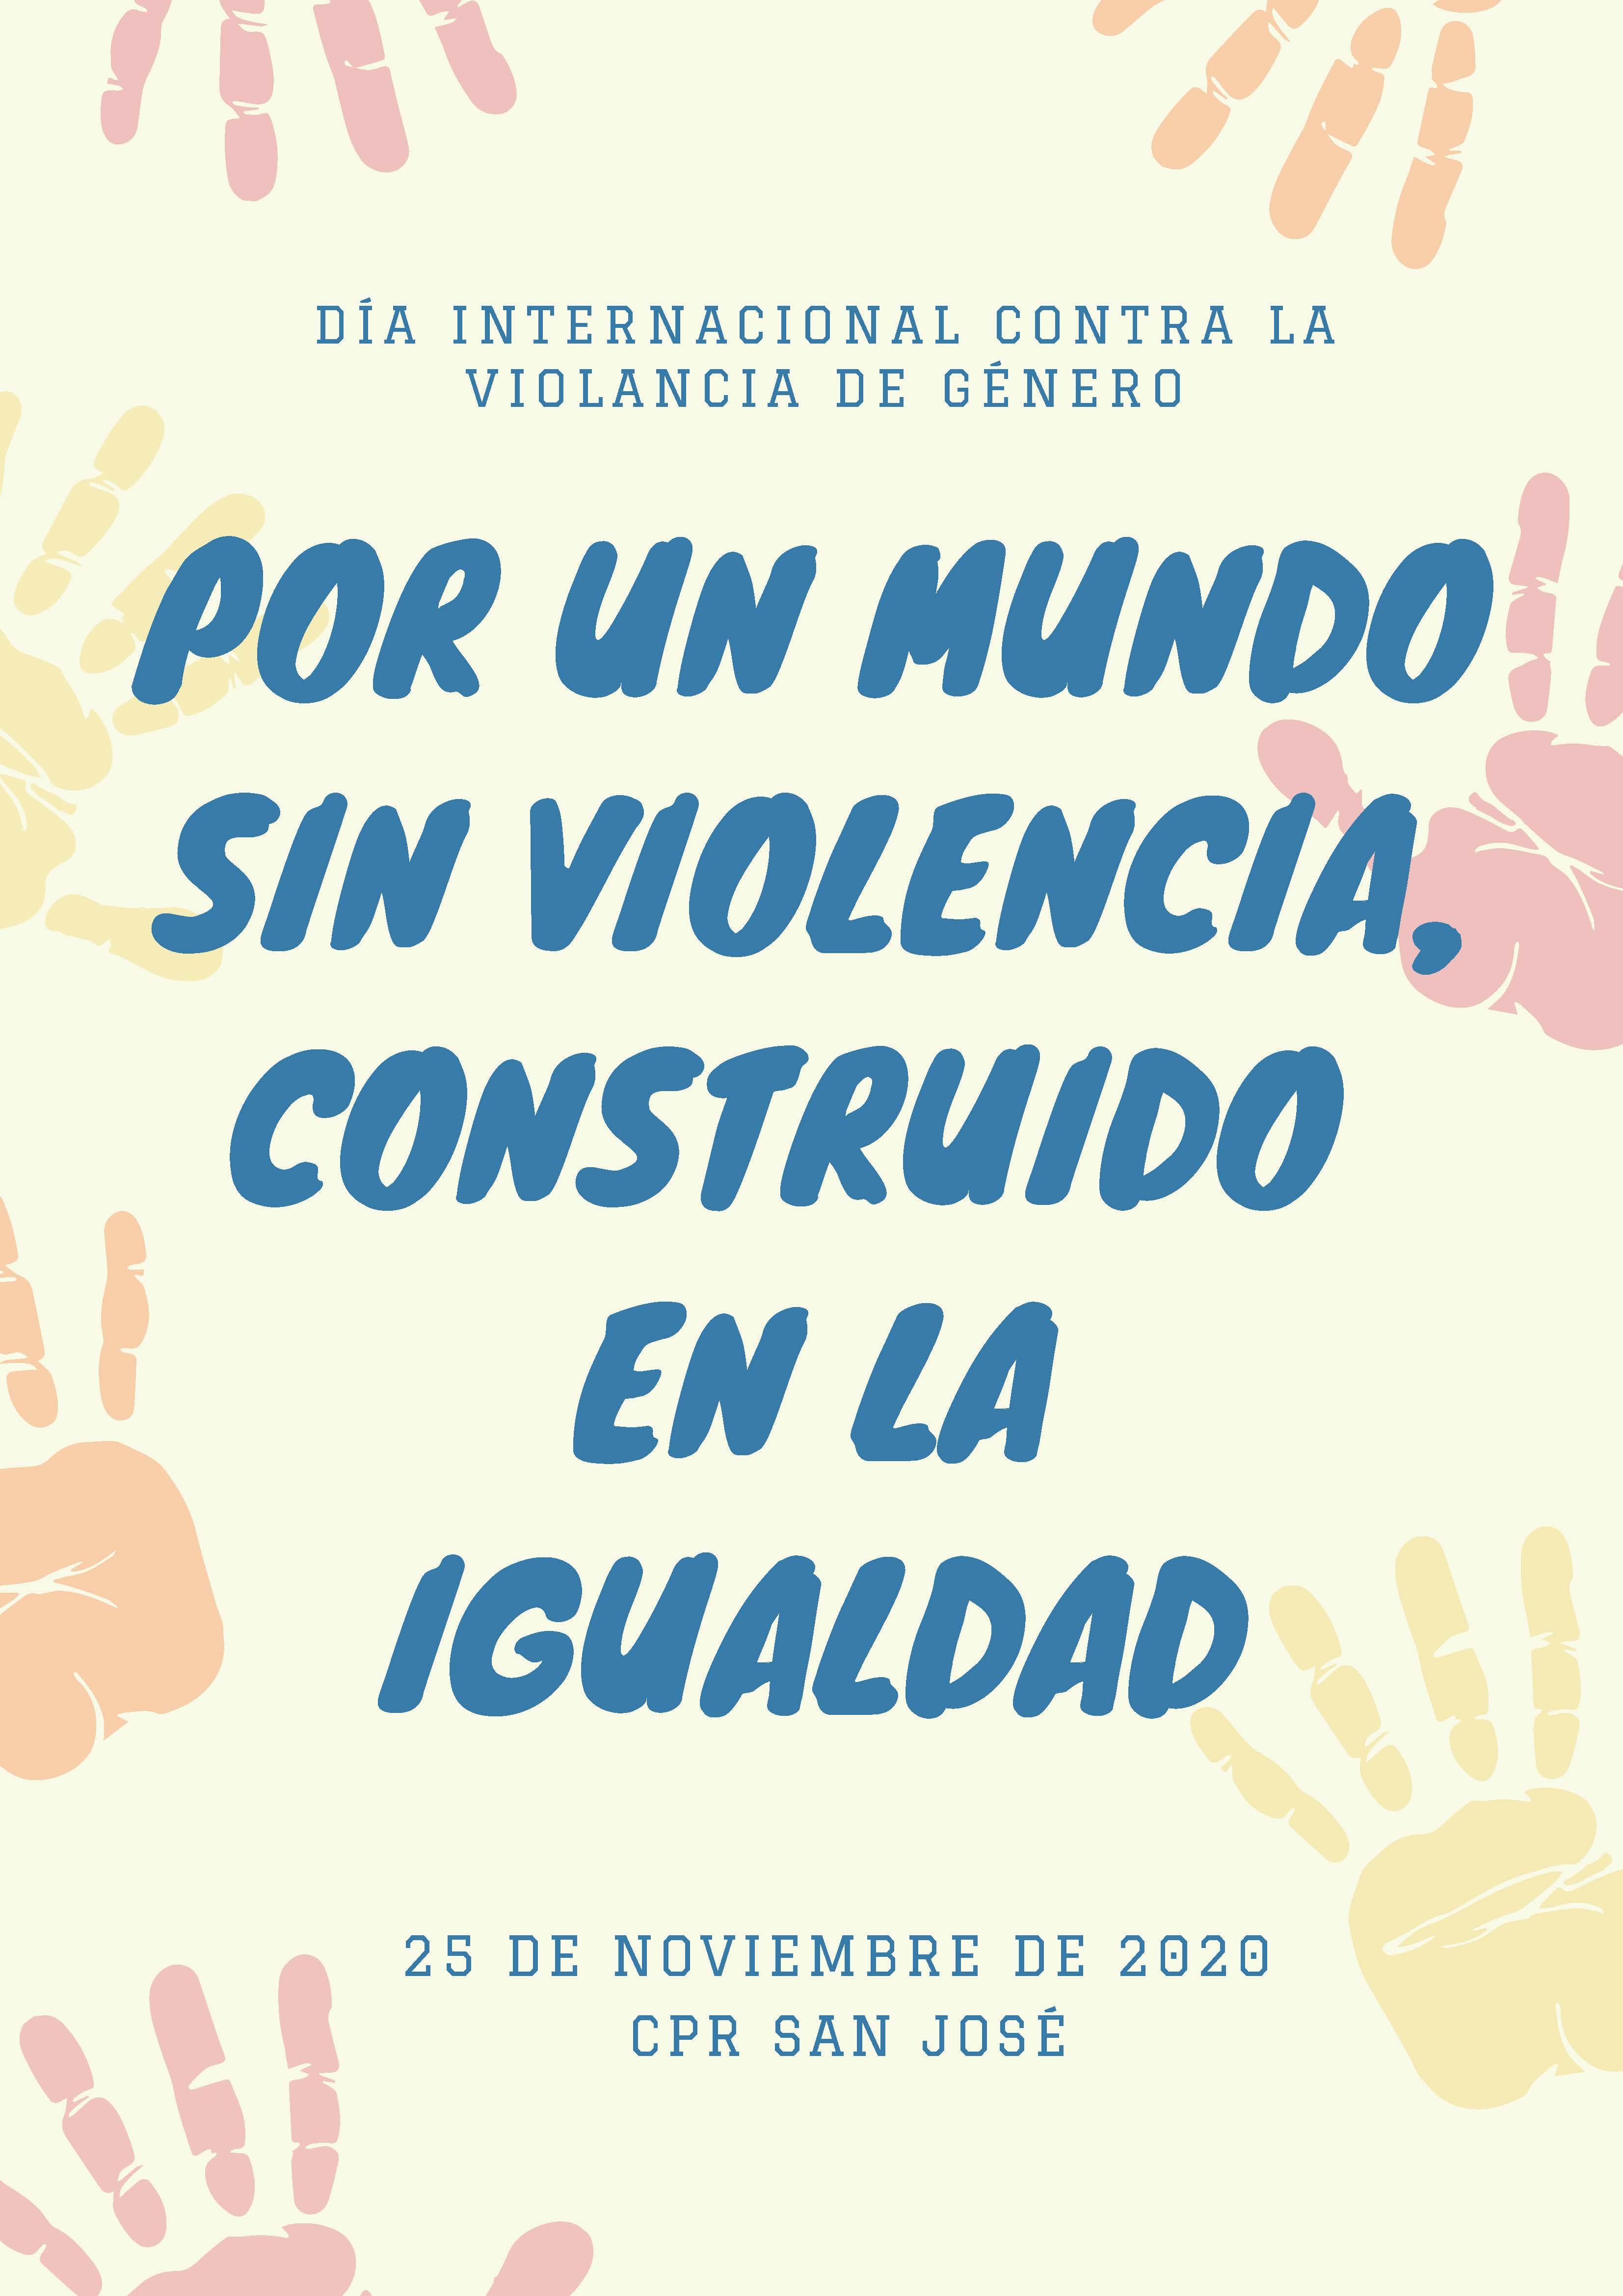 día internacional contra la violancia de género